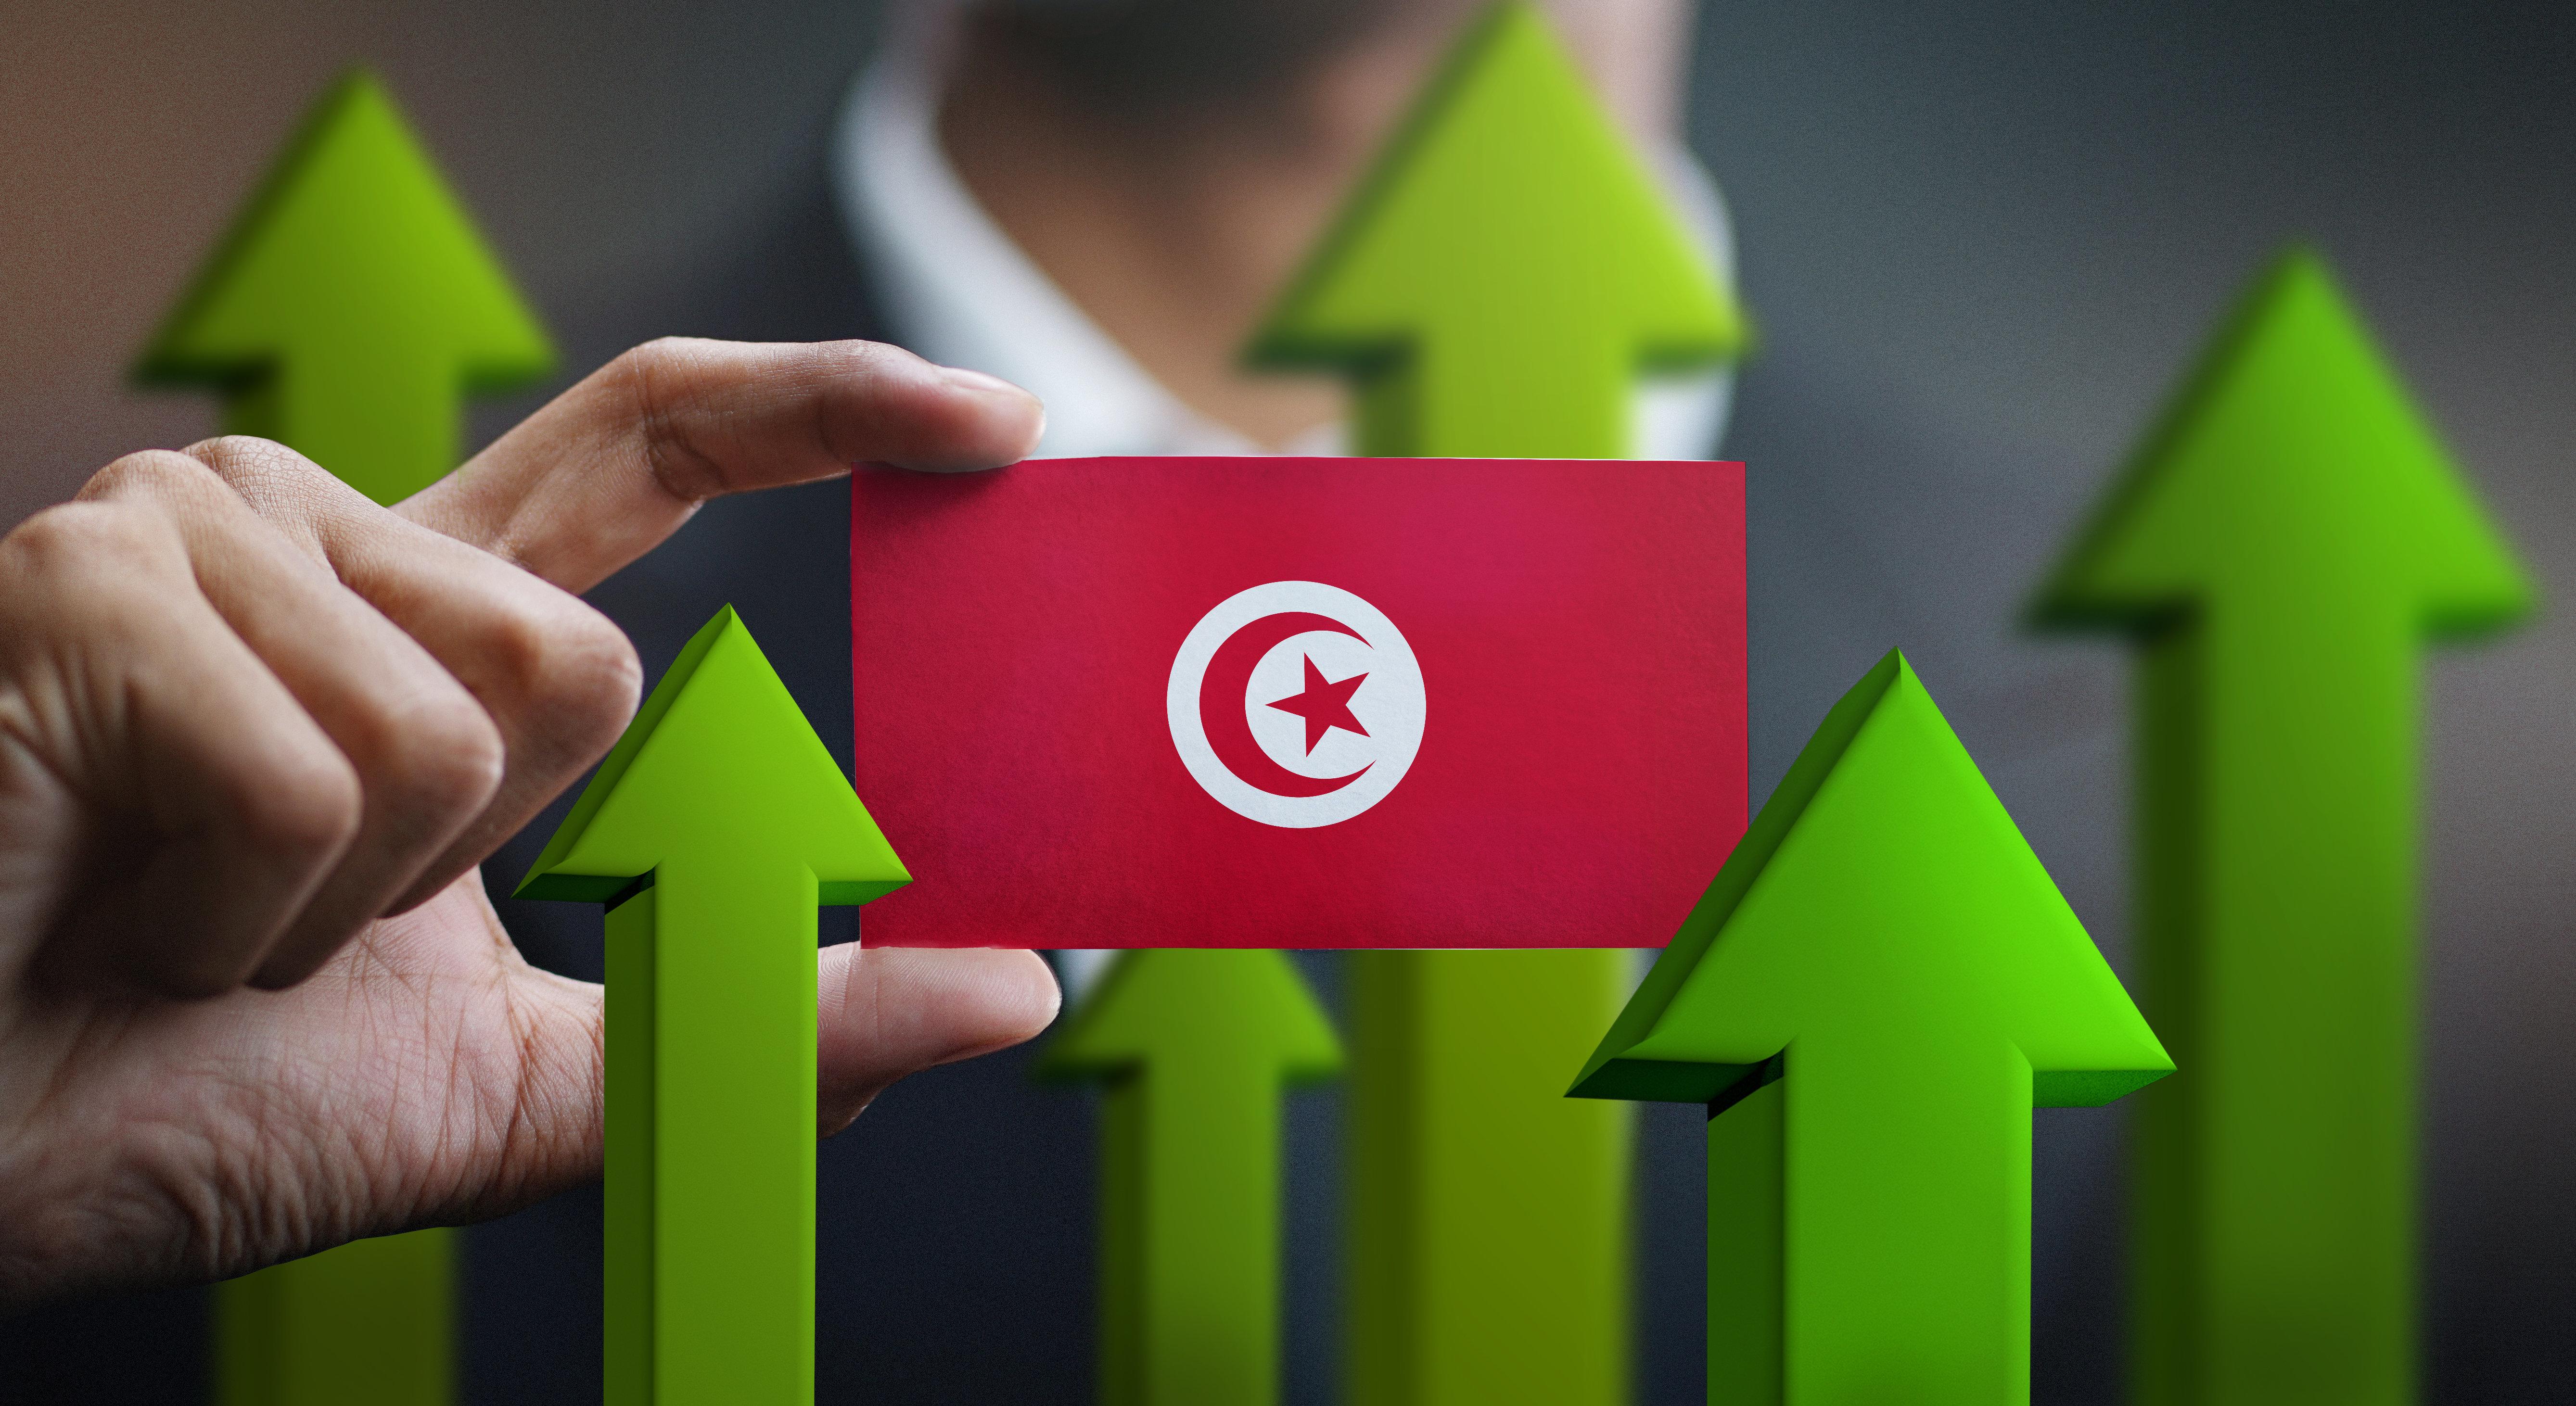 Les dangers de l'économie de rente sur l'économie tunisienne, expliqués par Anis Marrakchi